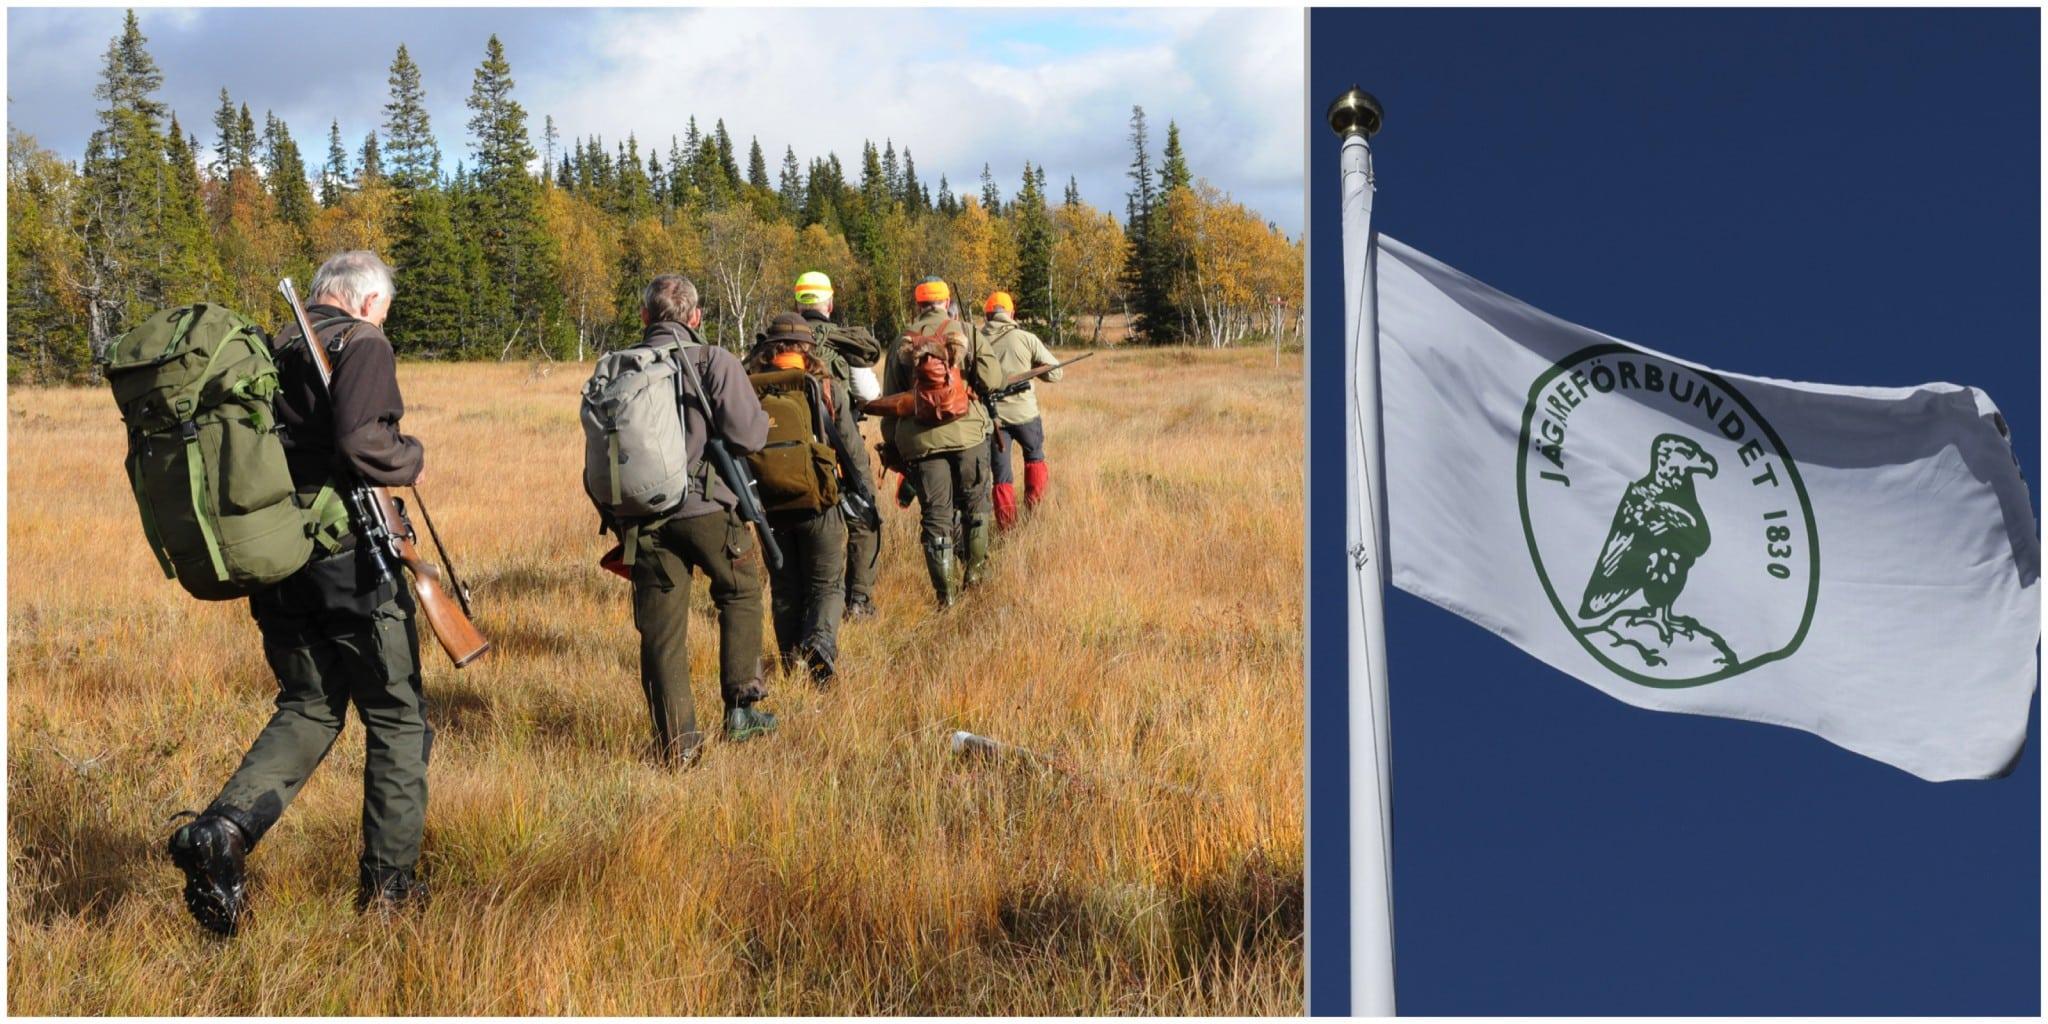 Allt fler jägare ser vilken nytta Svenska Jägareförbundet gör. Efter lång tid av vikande medlemssiffror pekar det uppåt igen. Foto: Jan Henricson